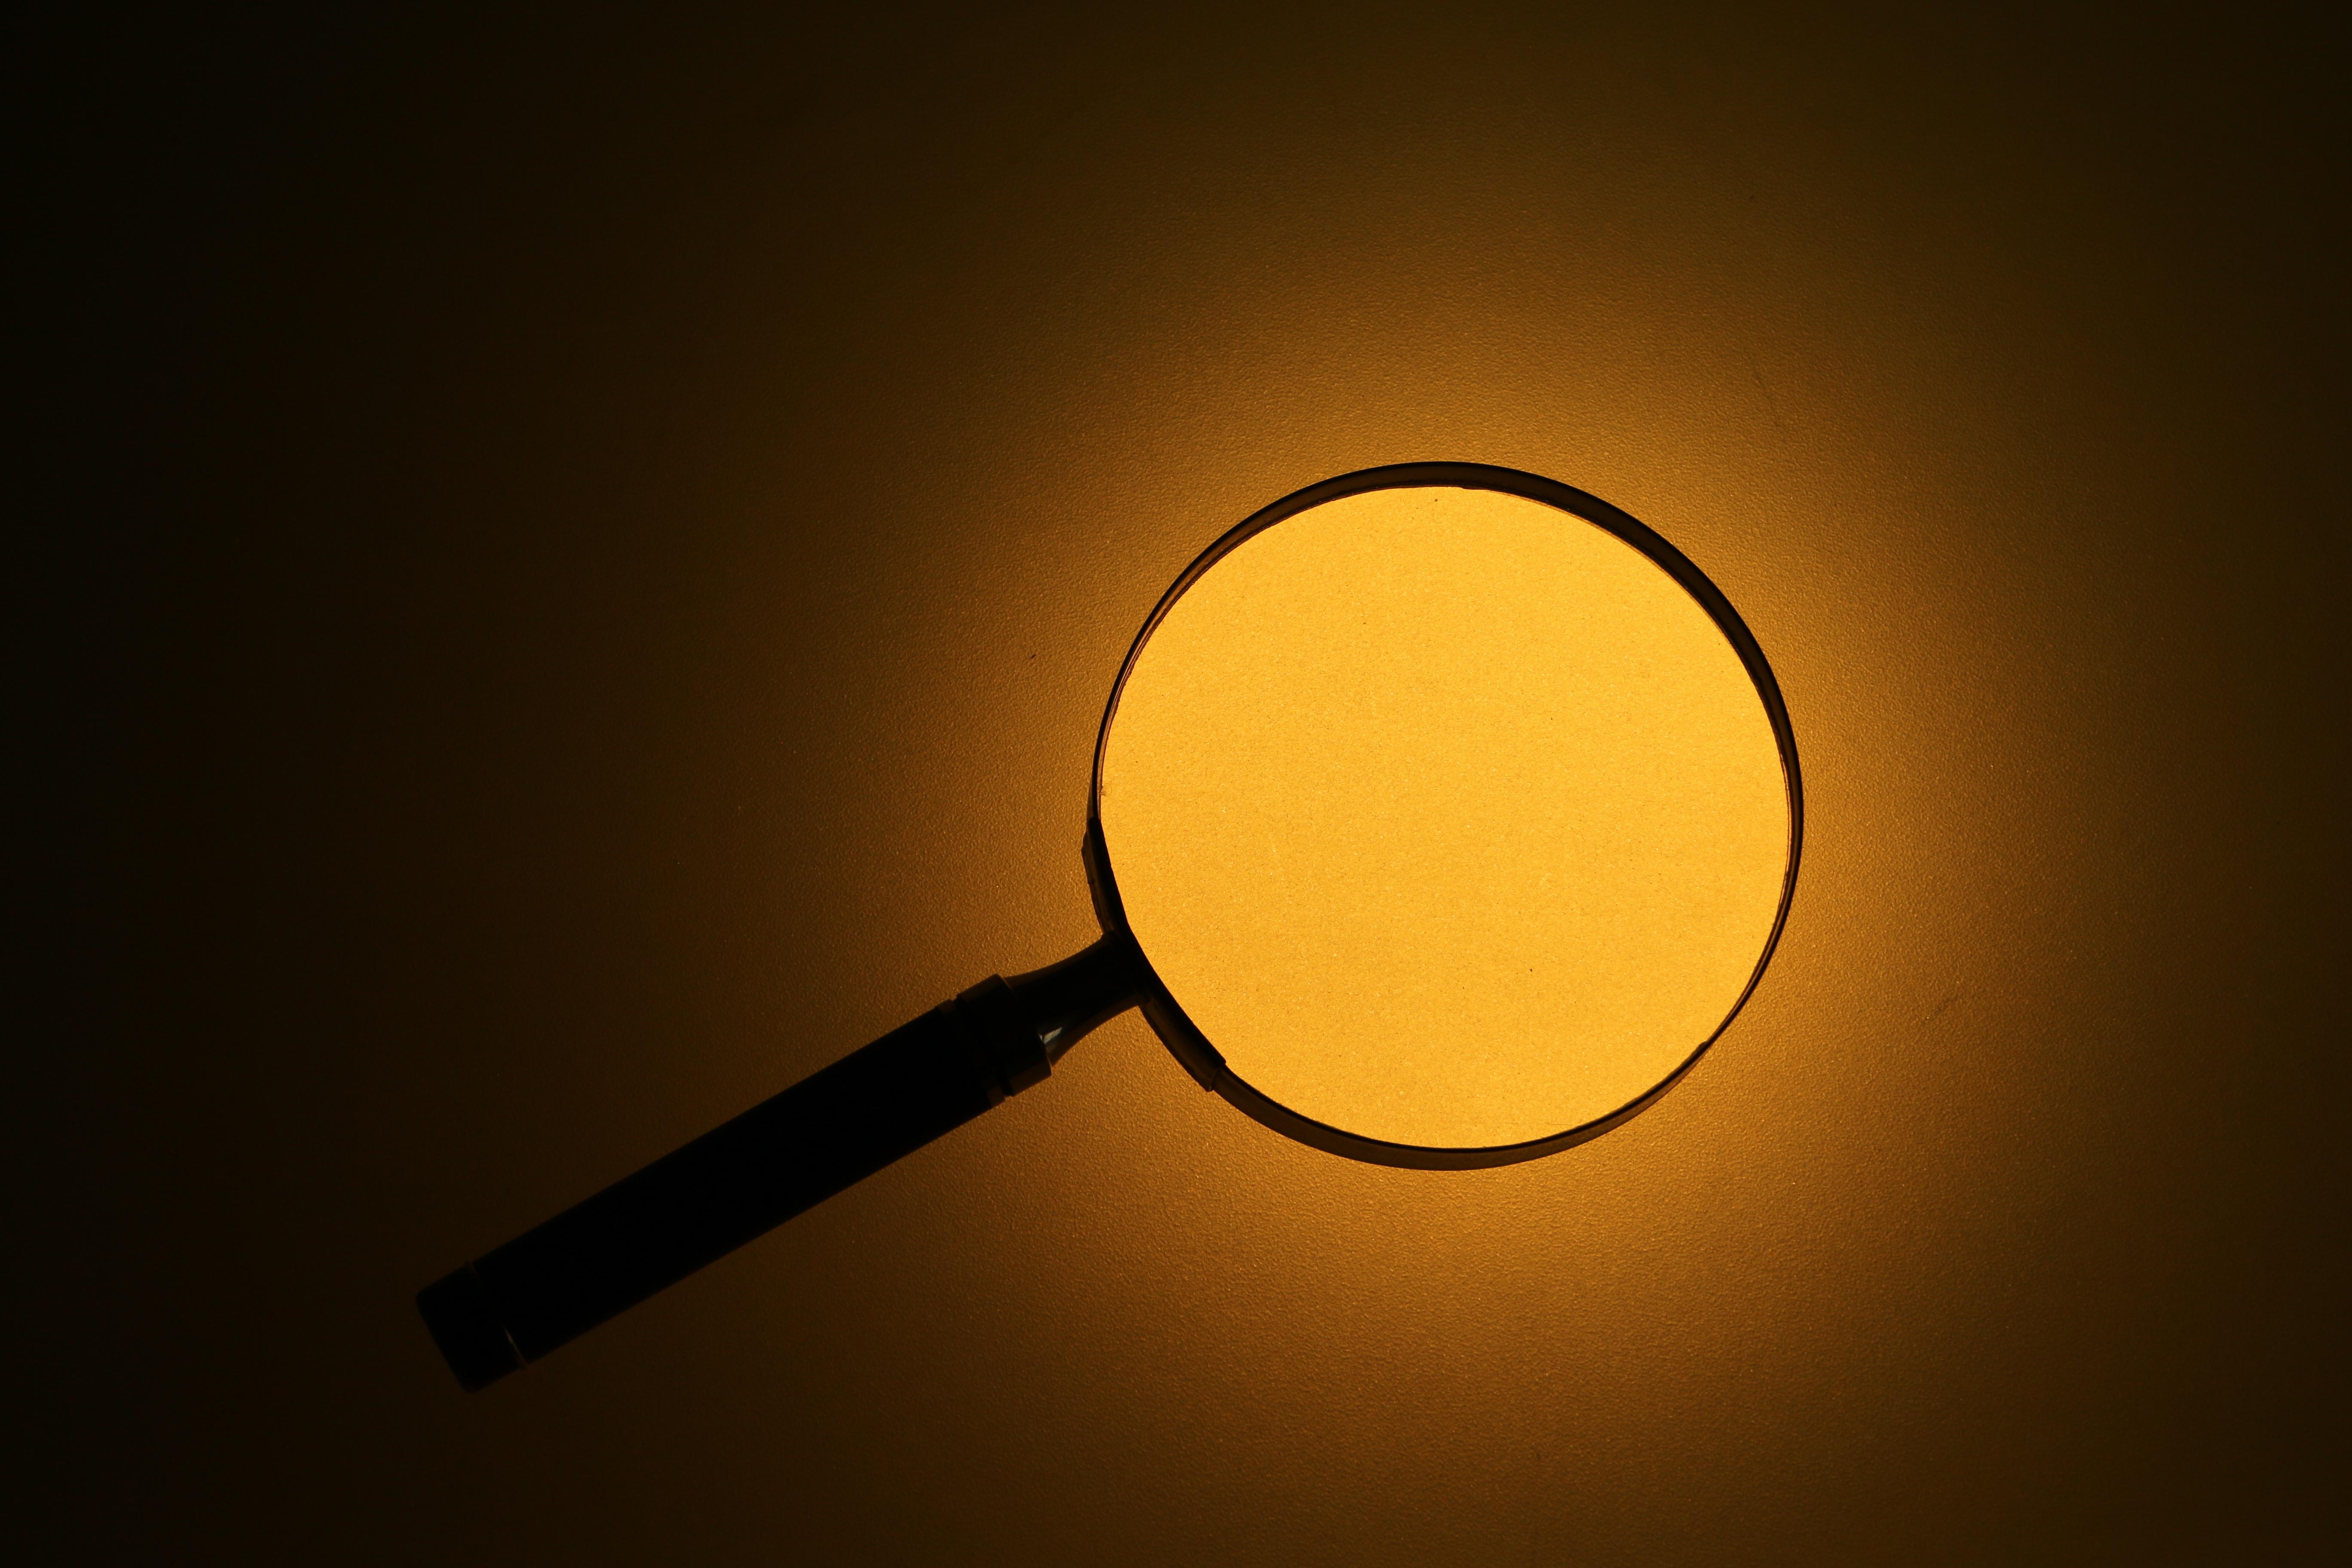 Investigators investigation in focus